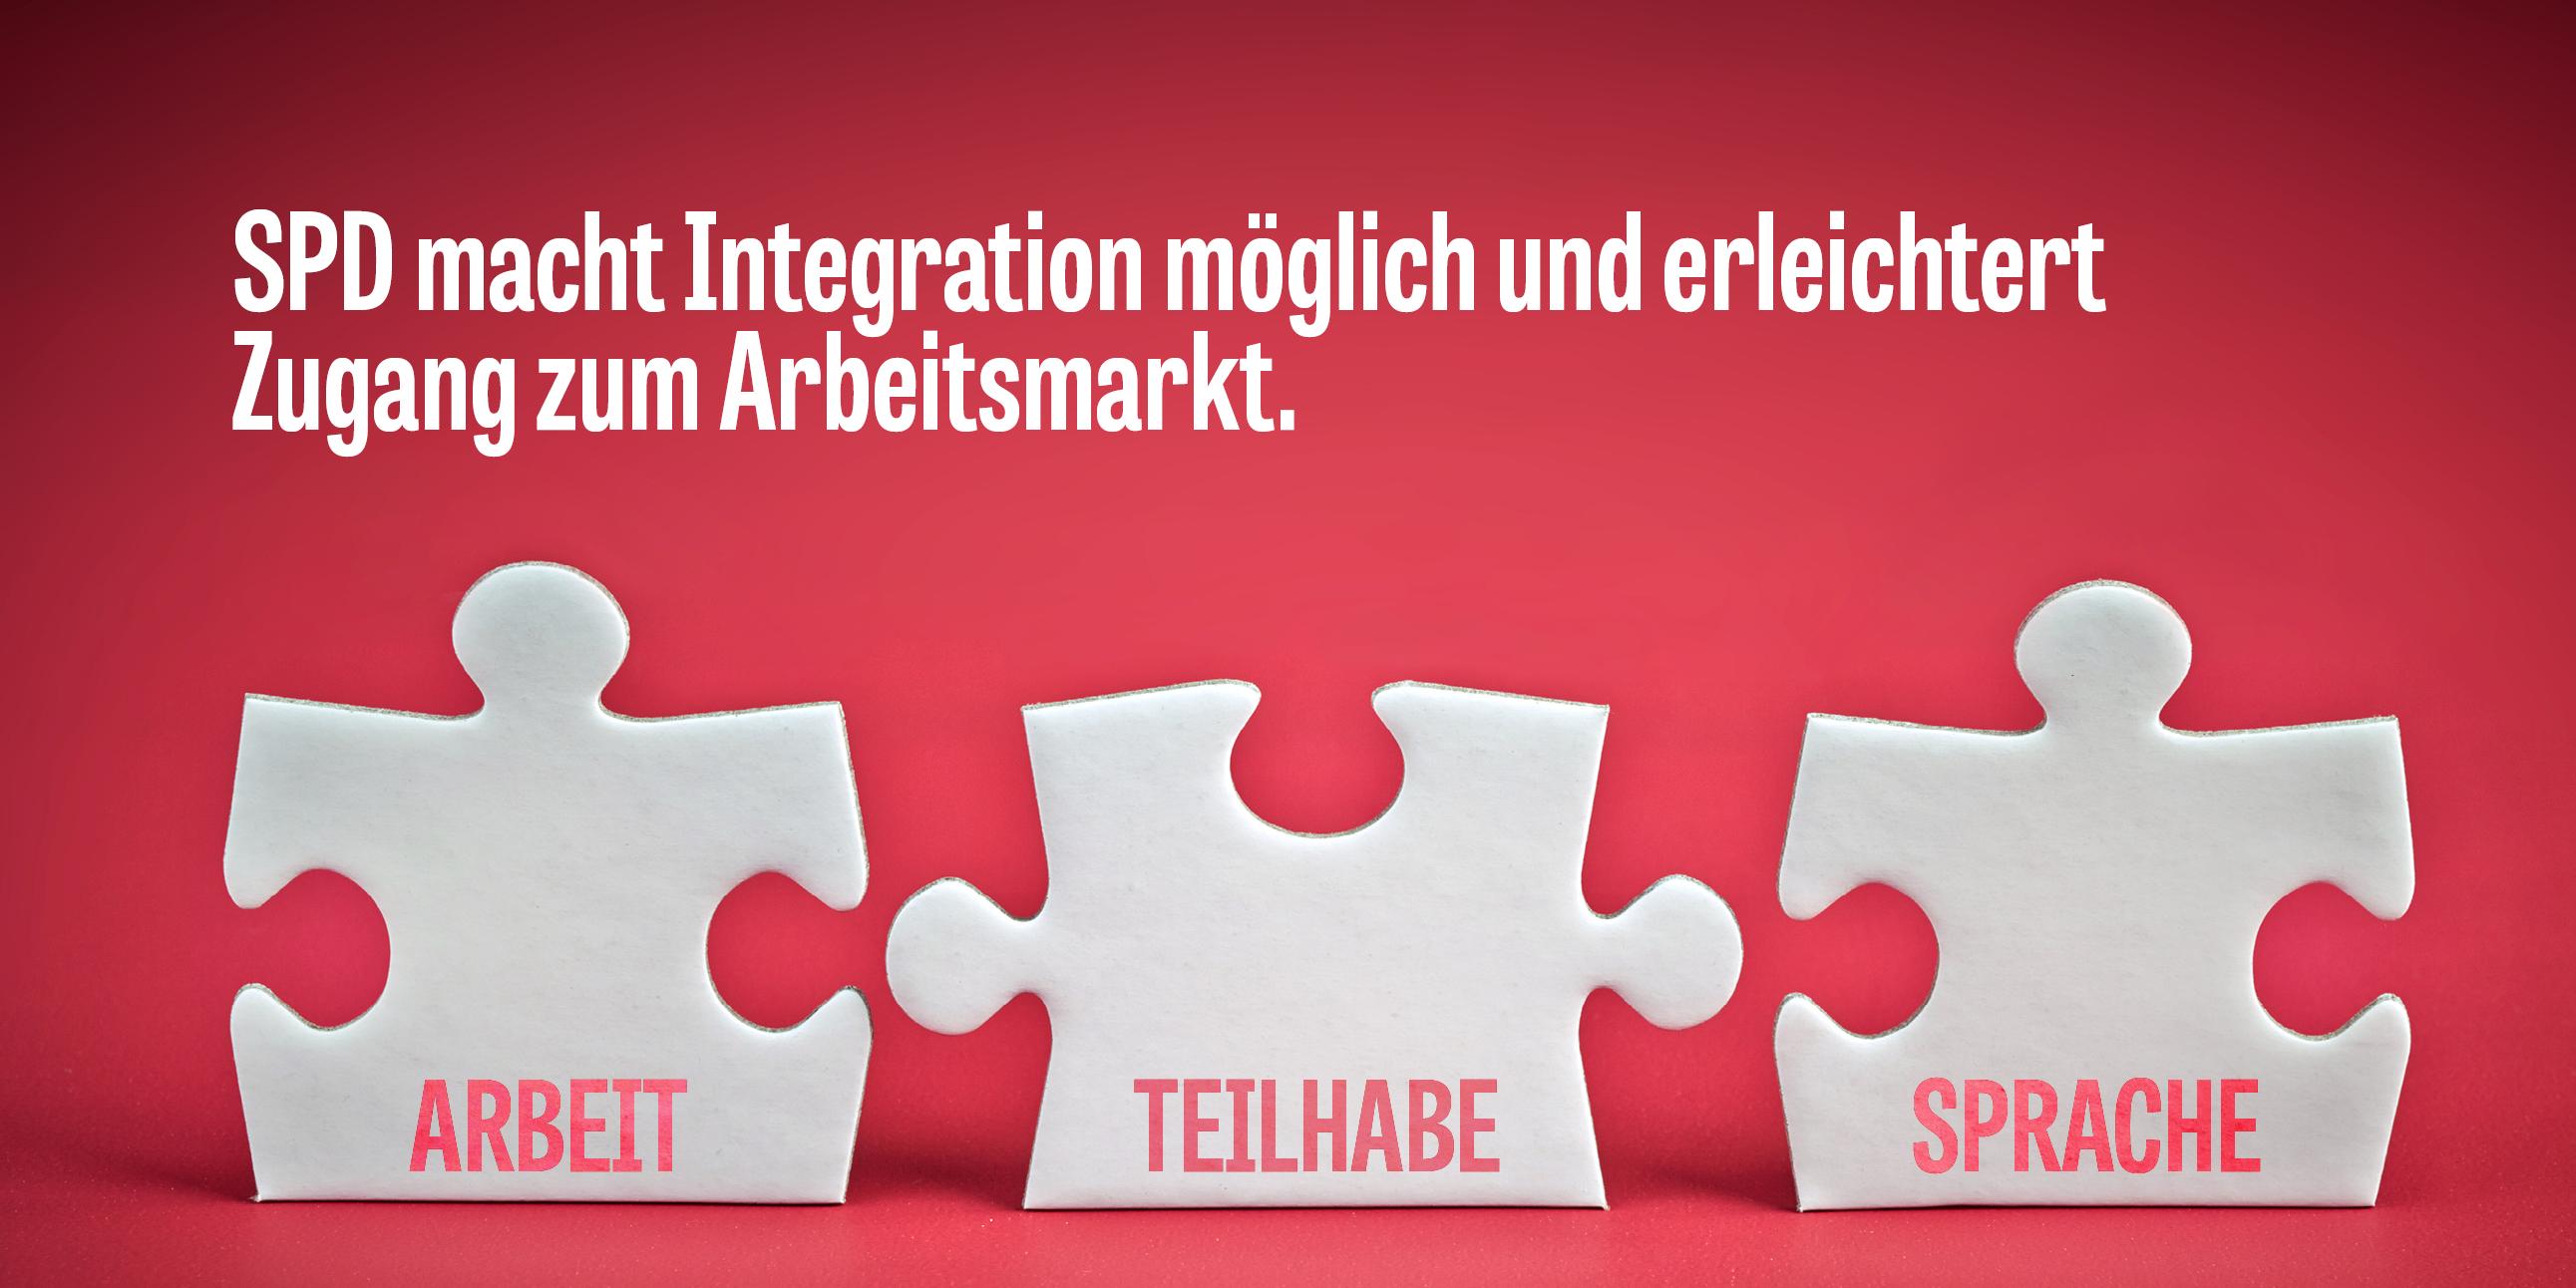 SPD macht Integration möglich und erleichtert Zugang zum Arbeitsmarkt